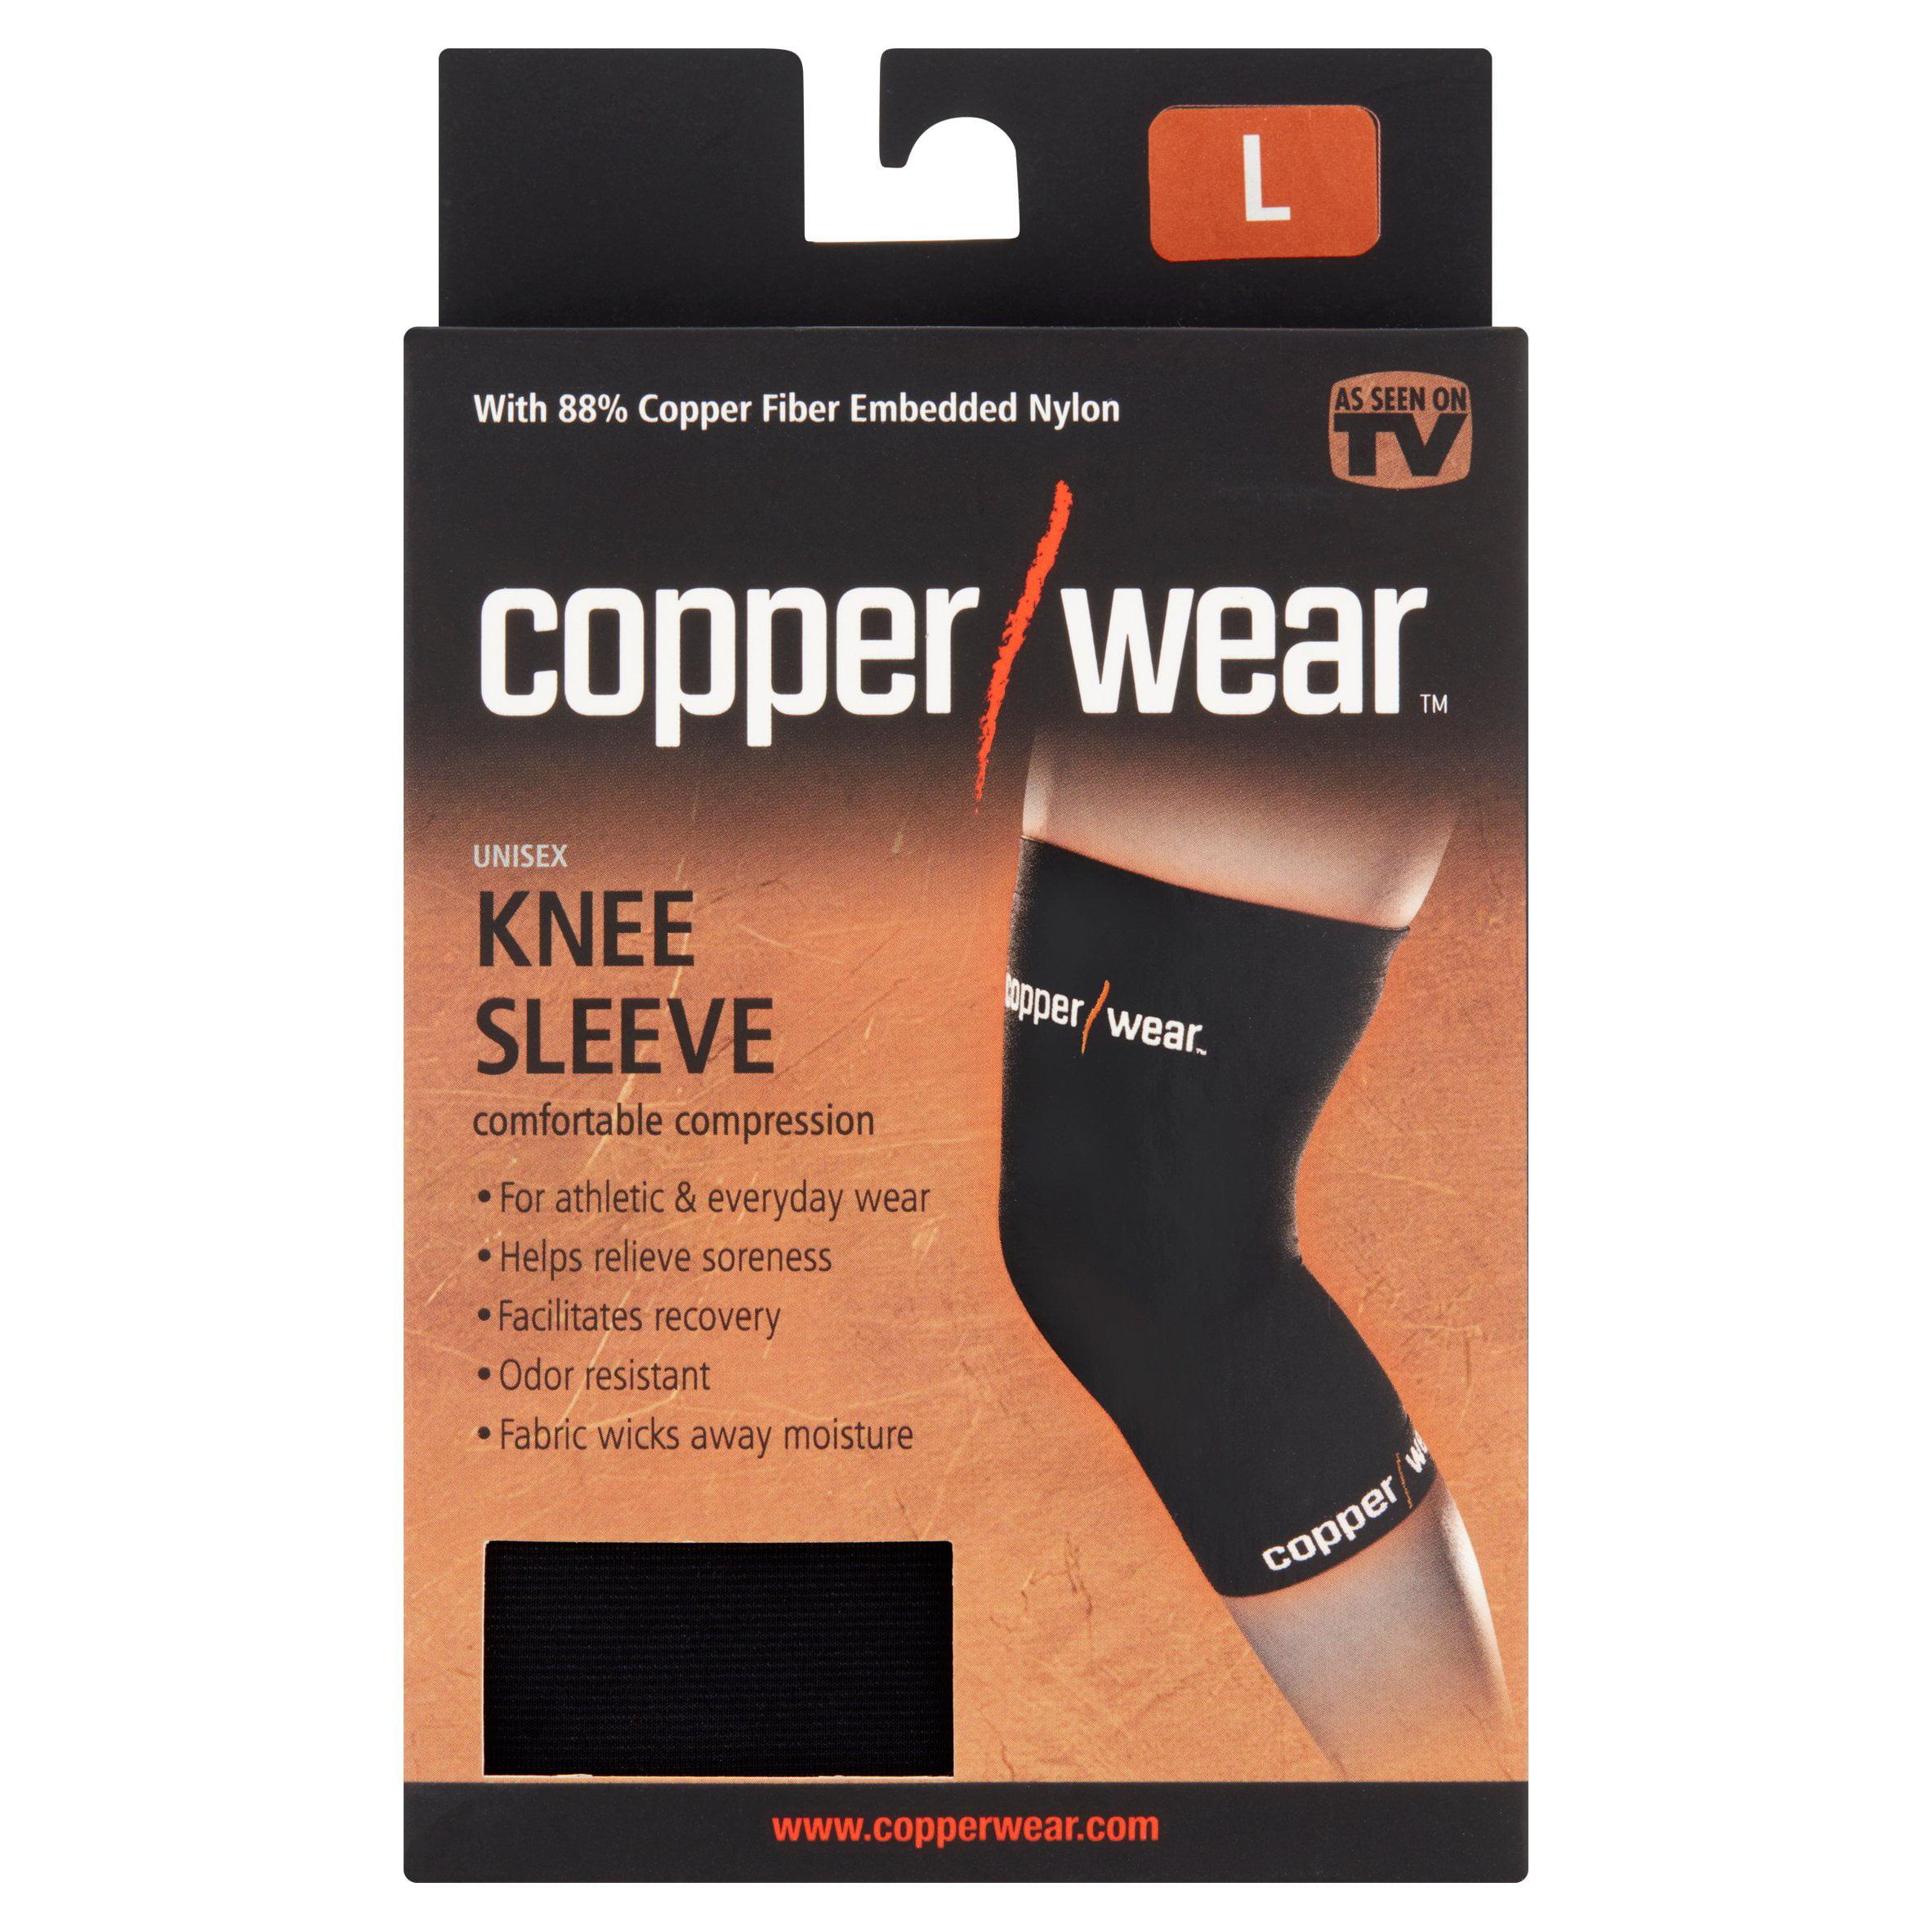 Copper wear knee sleeve